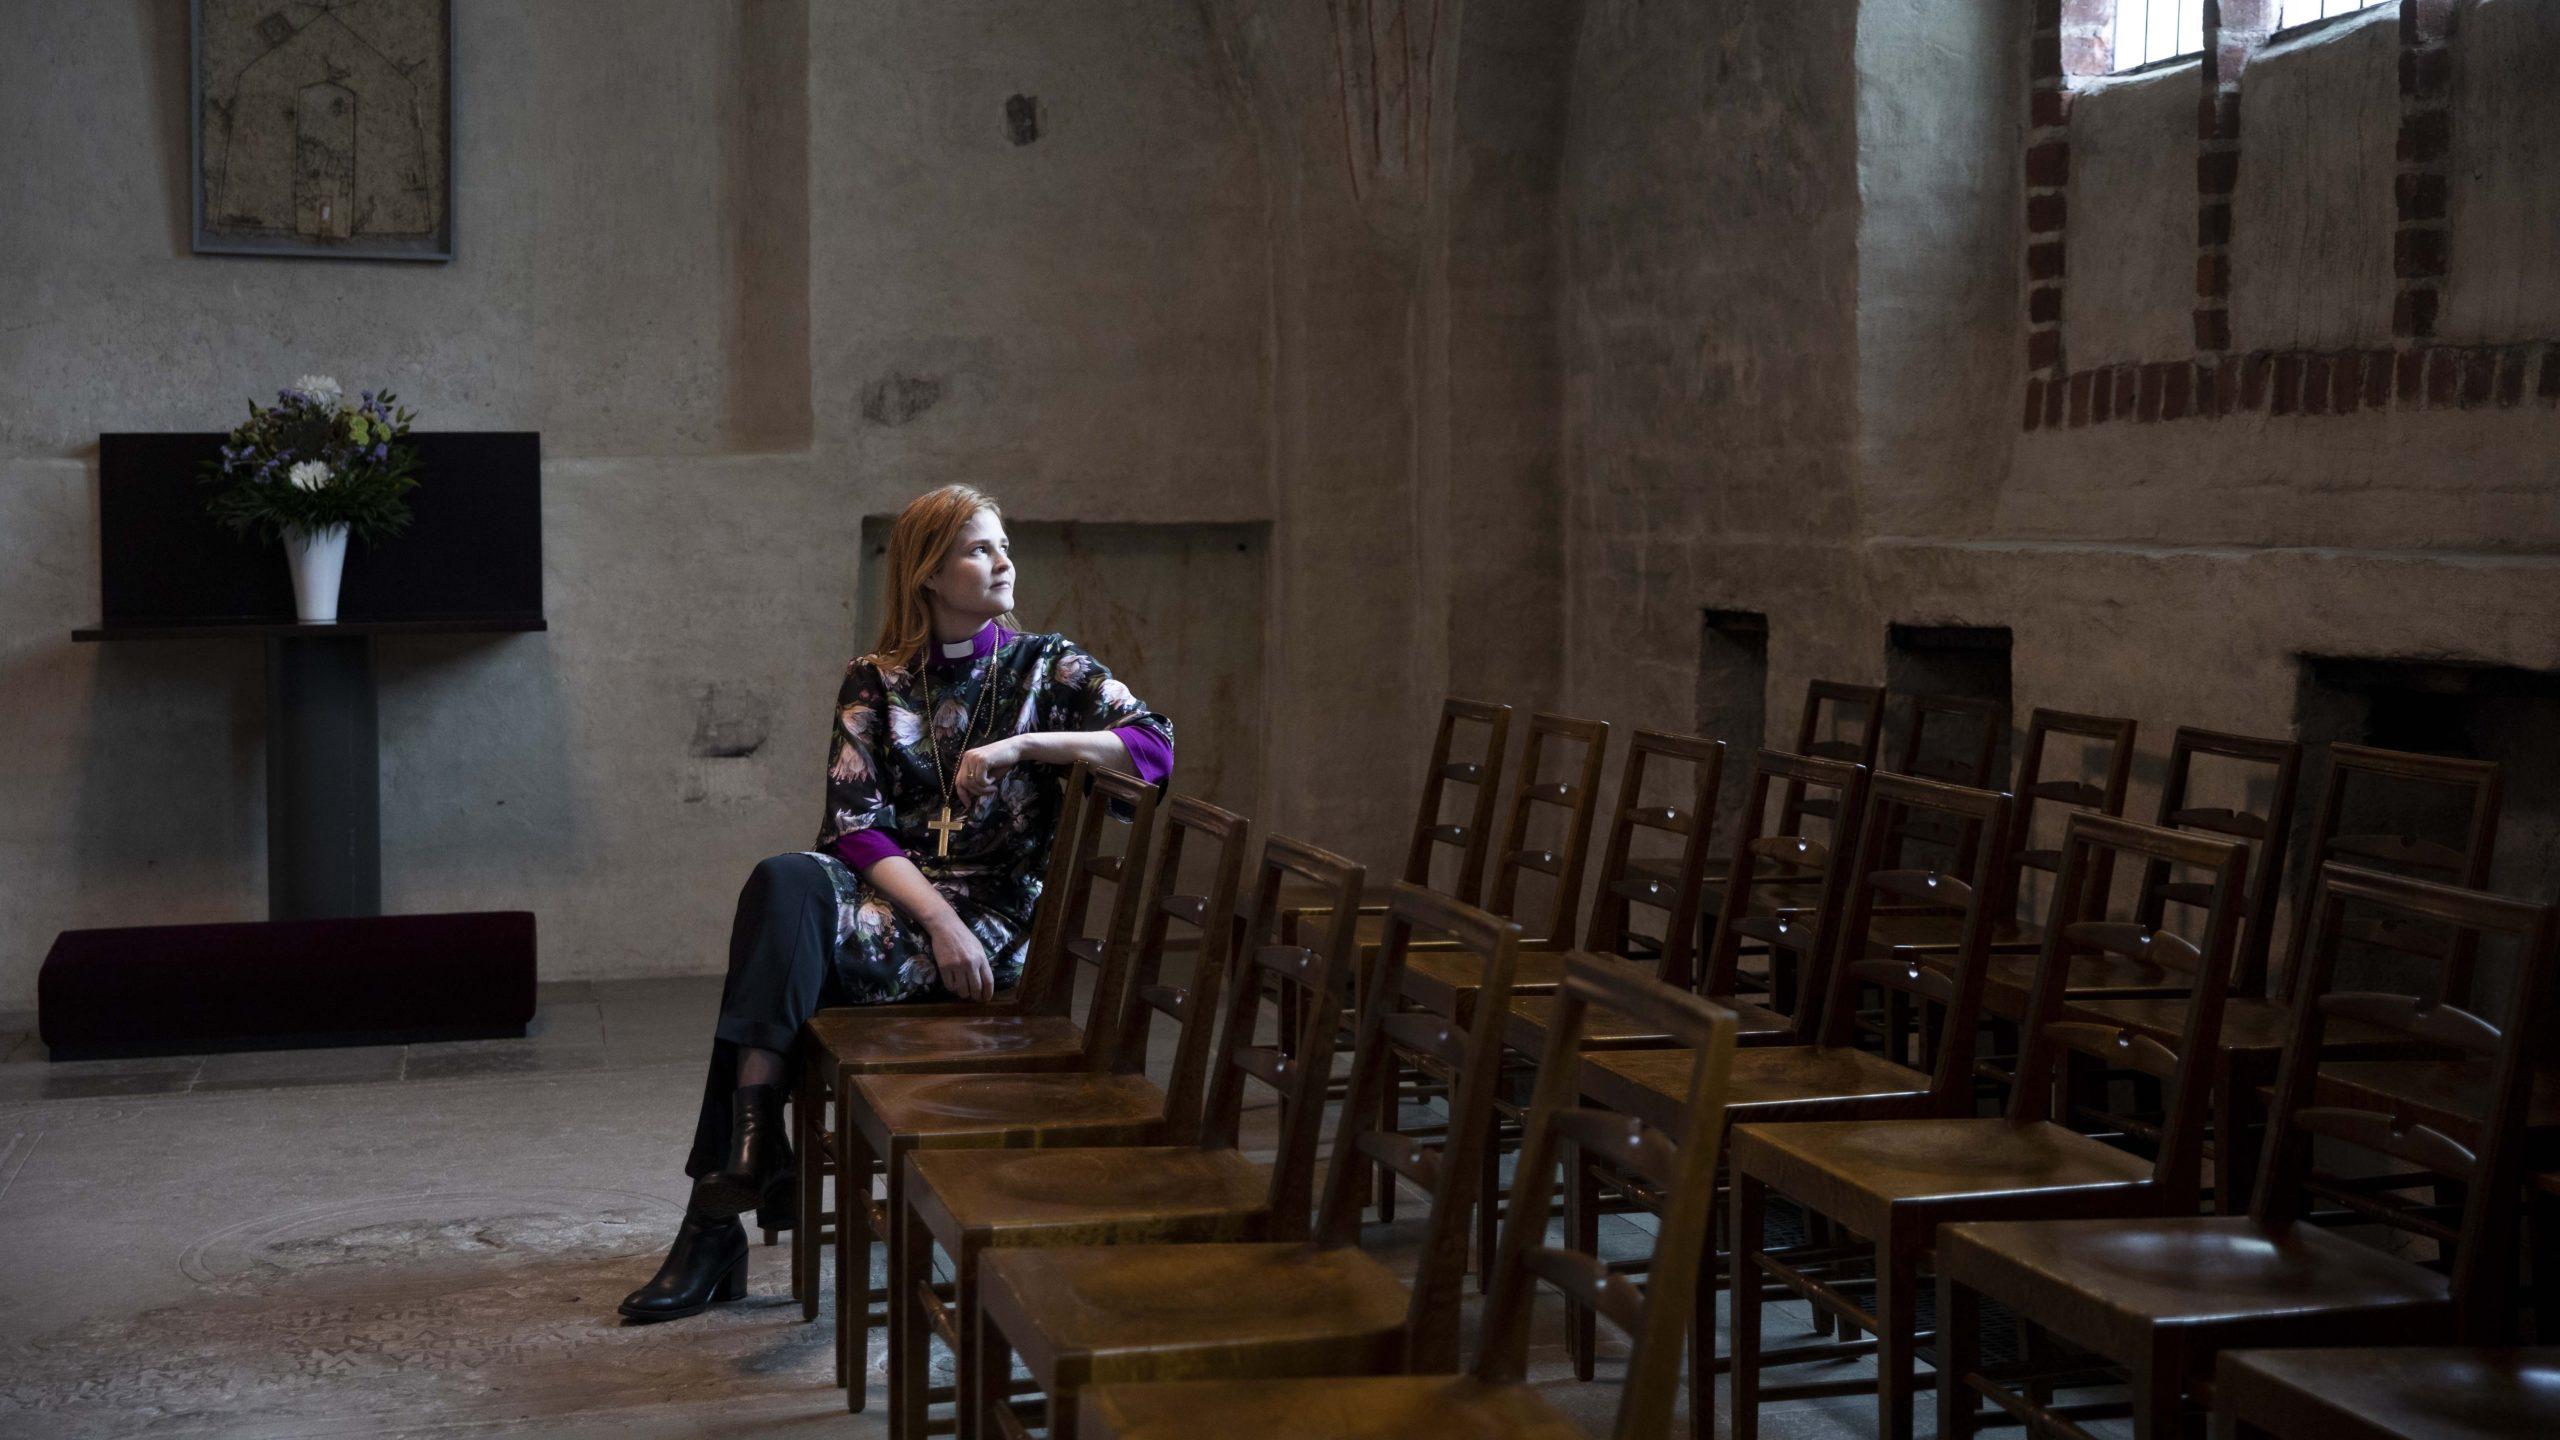 Turun piispa Mari Leppänen haluaa edistää tasa-arvon toteutumista kirkon sisällä.